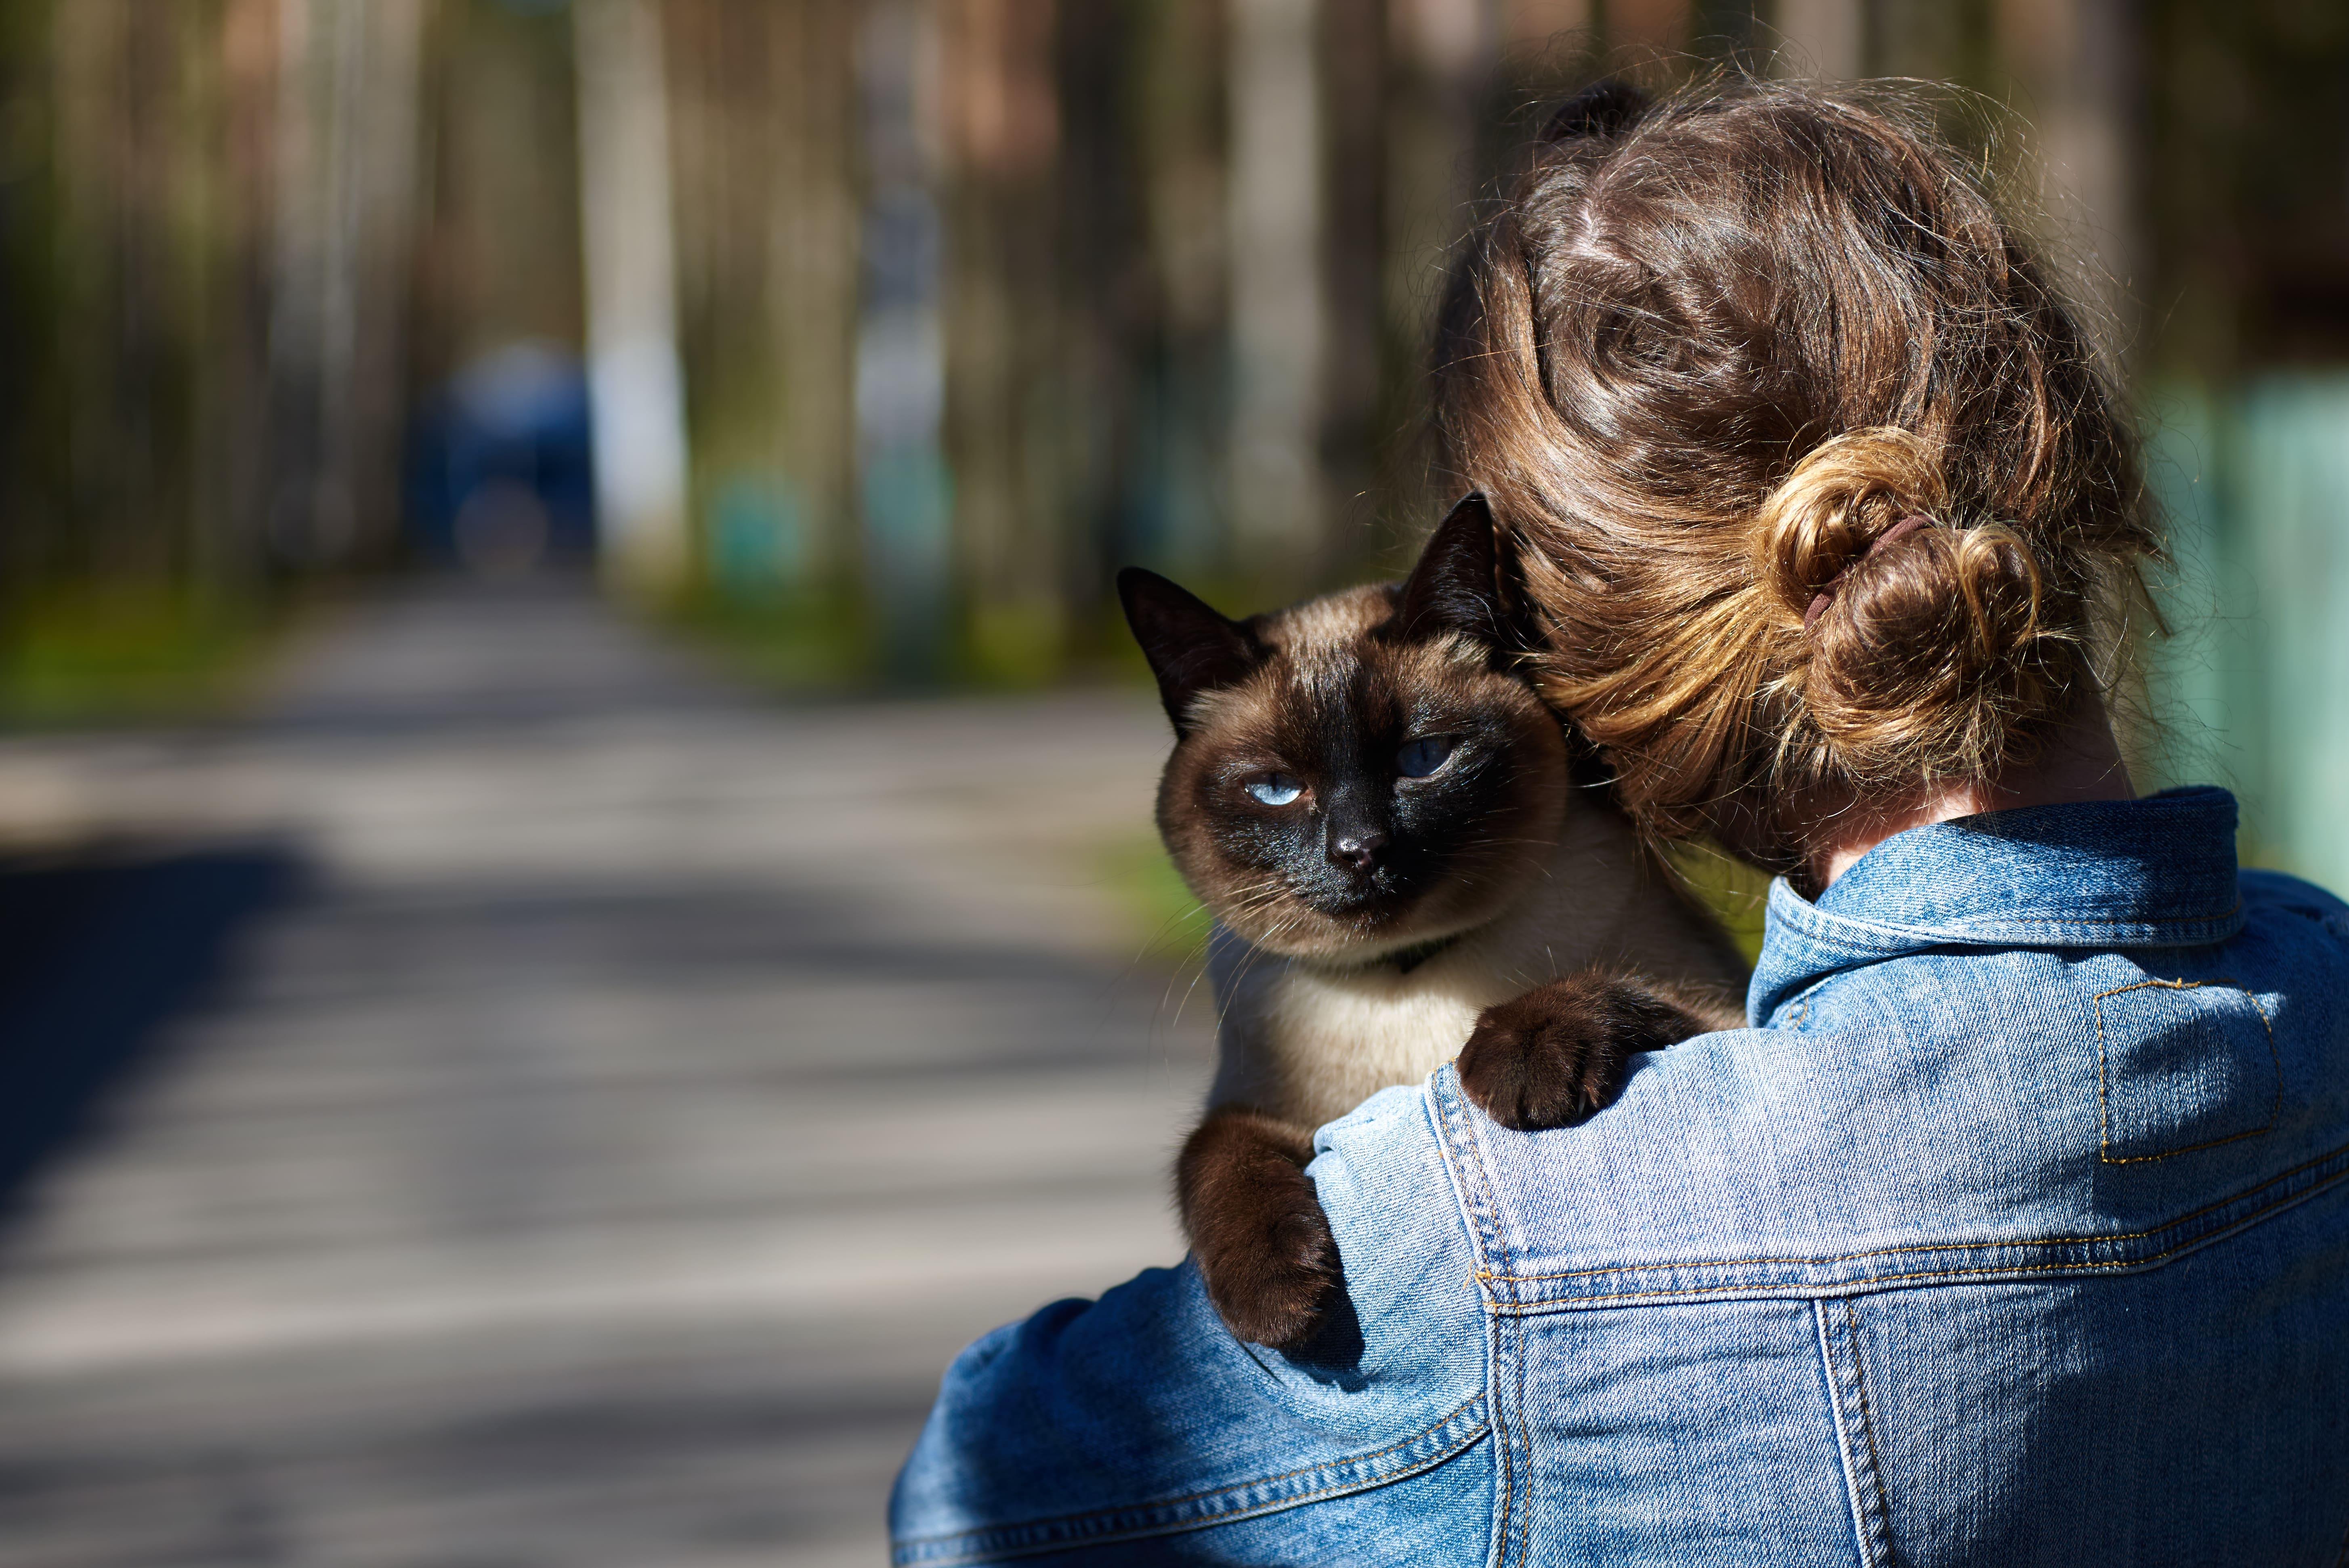 Imagem de uma mulher segurando o seu gato no colo para remeter ao empreendedor que deseja abrir uma loja de produtos veterinários